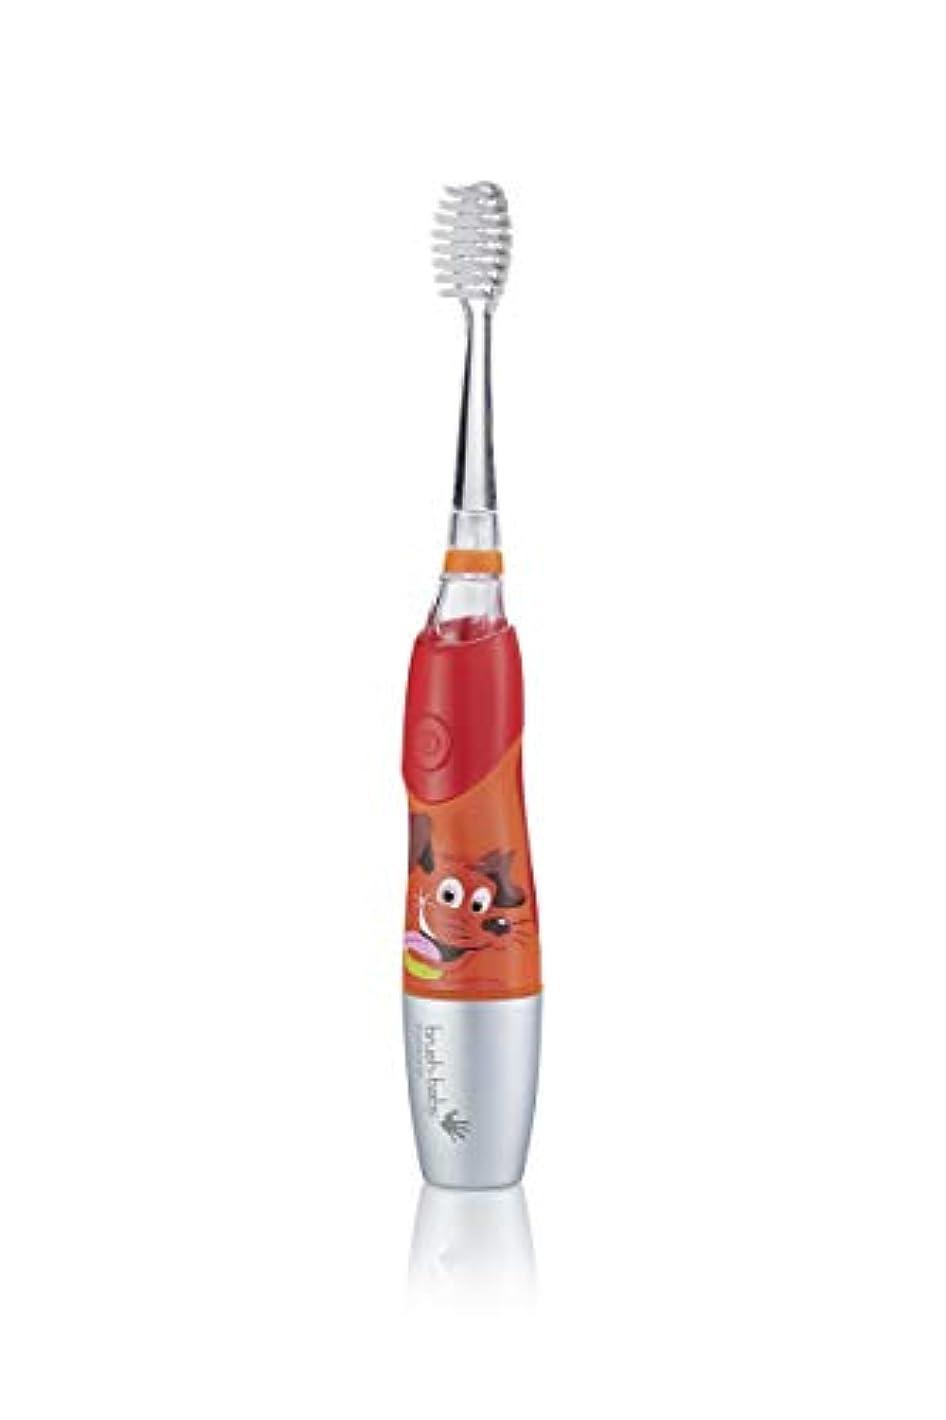 より平らなスーパー輪郭Brush-Baby KidzSonic Electric Toothbrush 6+ years with flashing disco lights - ブラシ - ベイビーKidzSonic電動歯ブラシ6年以上のディスコライトの点滅